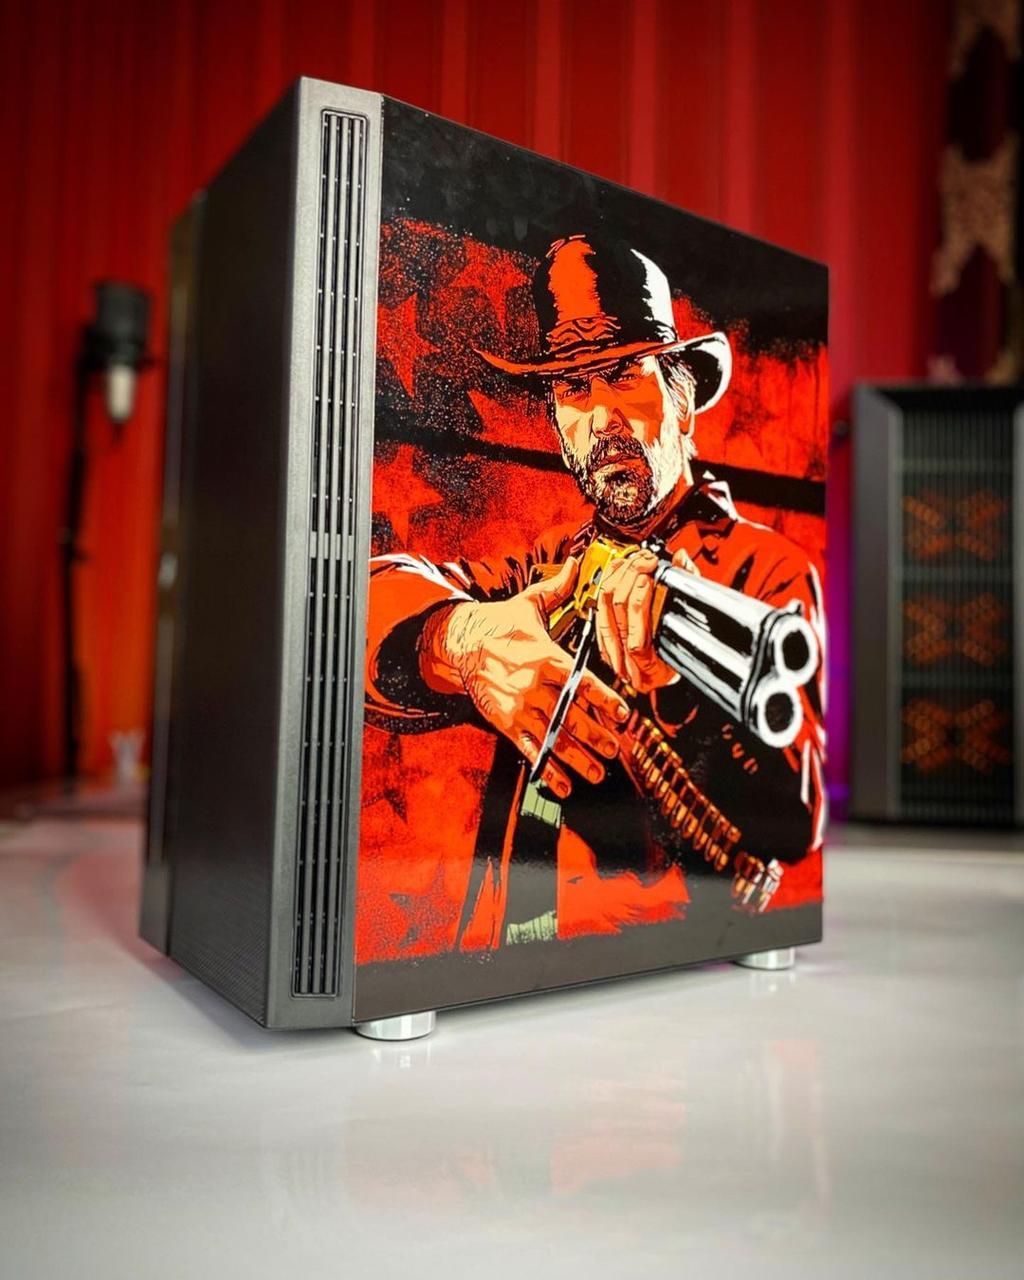 Игровой ПК (компьютер) для Red Dead Redemption 2 (РДР2) (Premium)